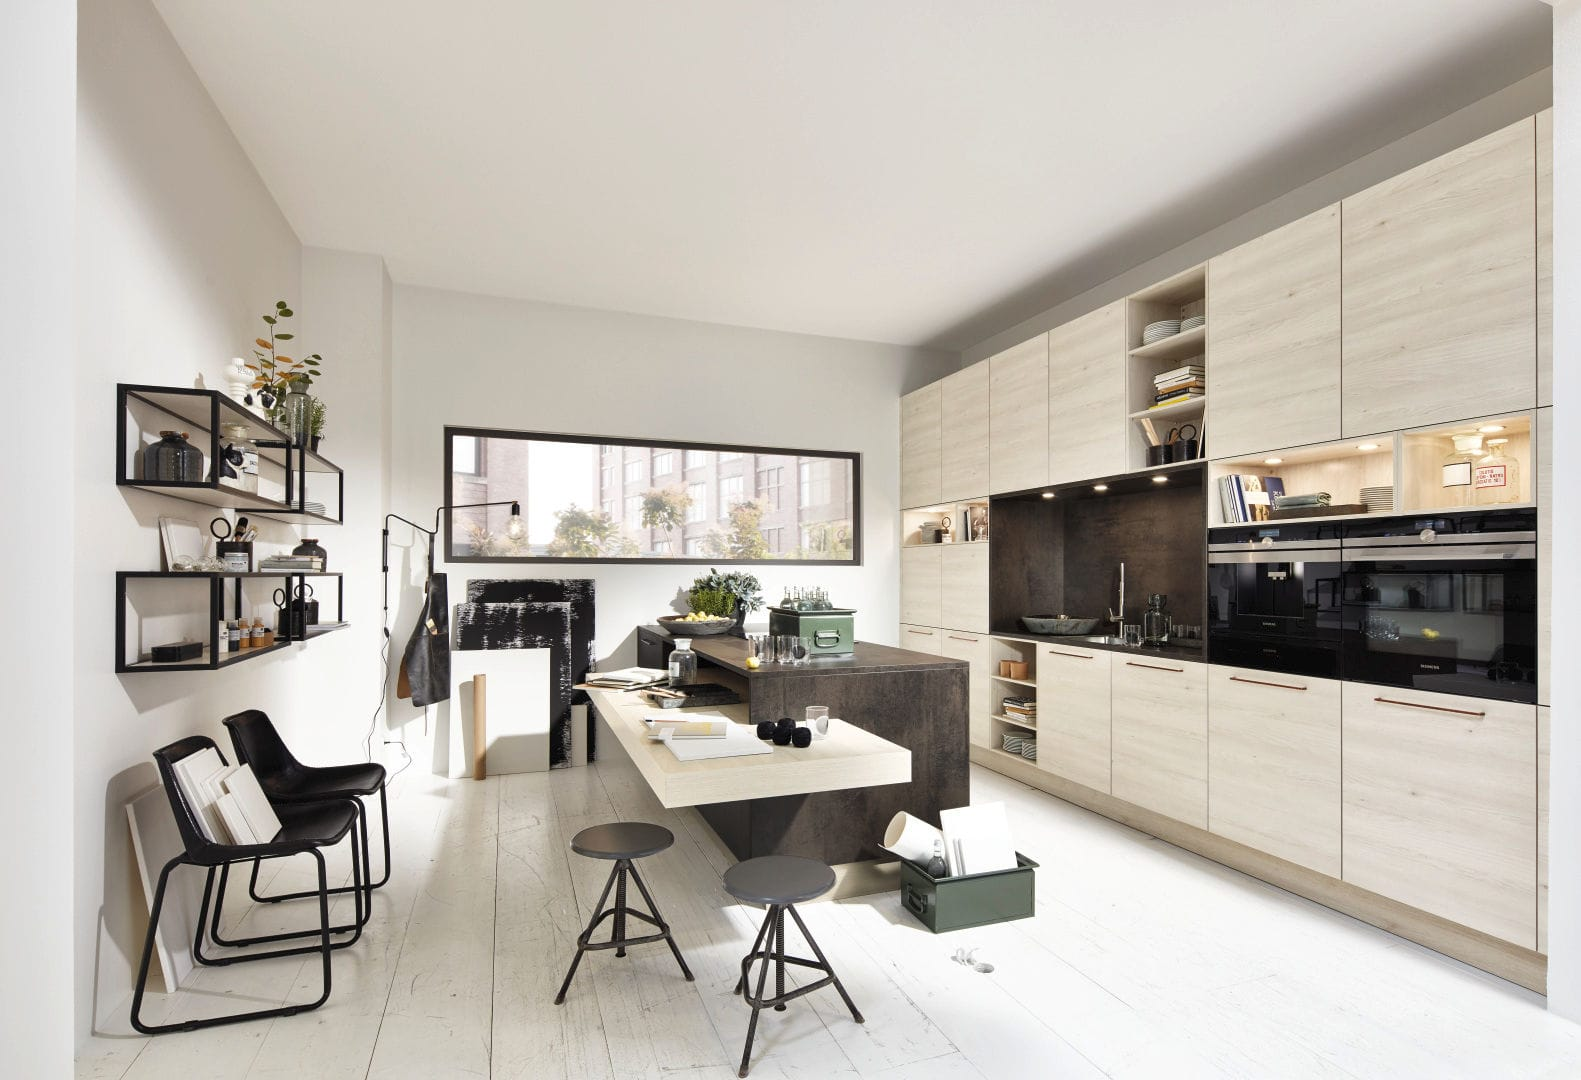 Cozinha Contempor Nea Em Melamina Com Ilha Com Pegas Stone